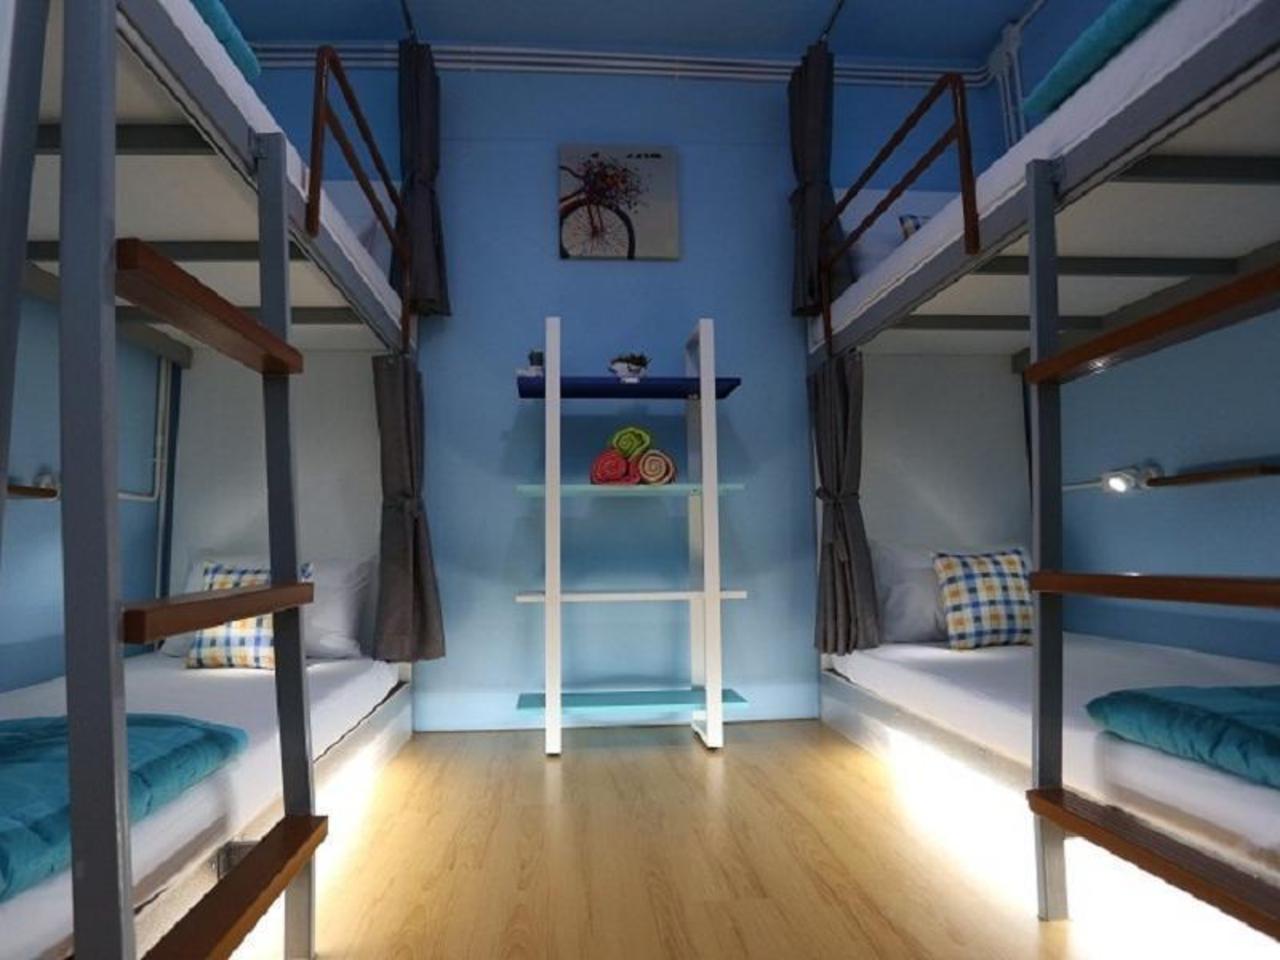 ไอเดียล เบด โฮสเทล อ่าวนางบีช (iDeal Beds Hostel Ao Nang Beach)